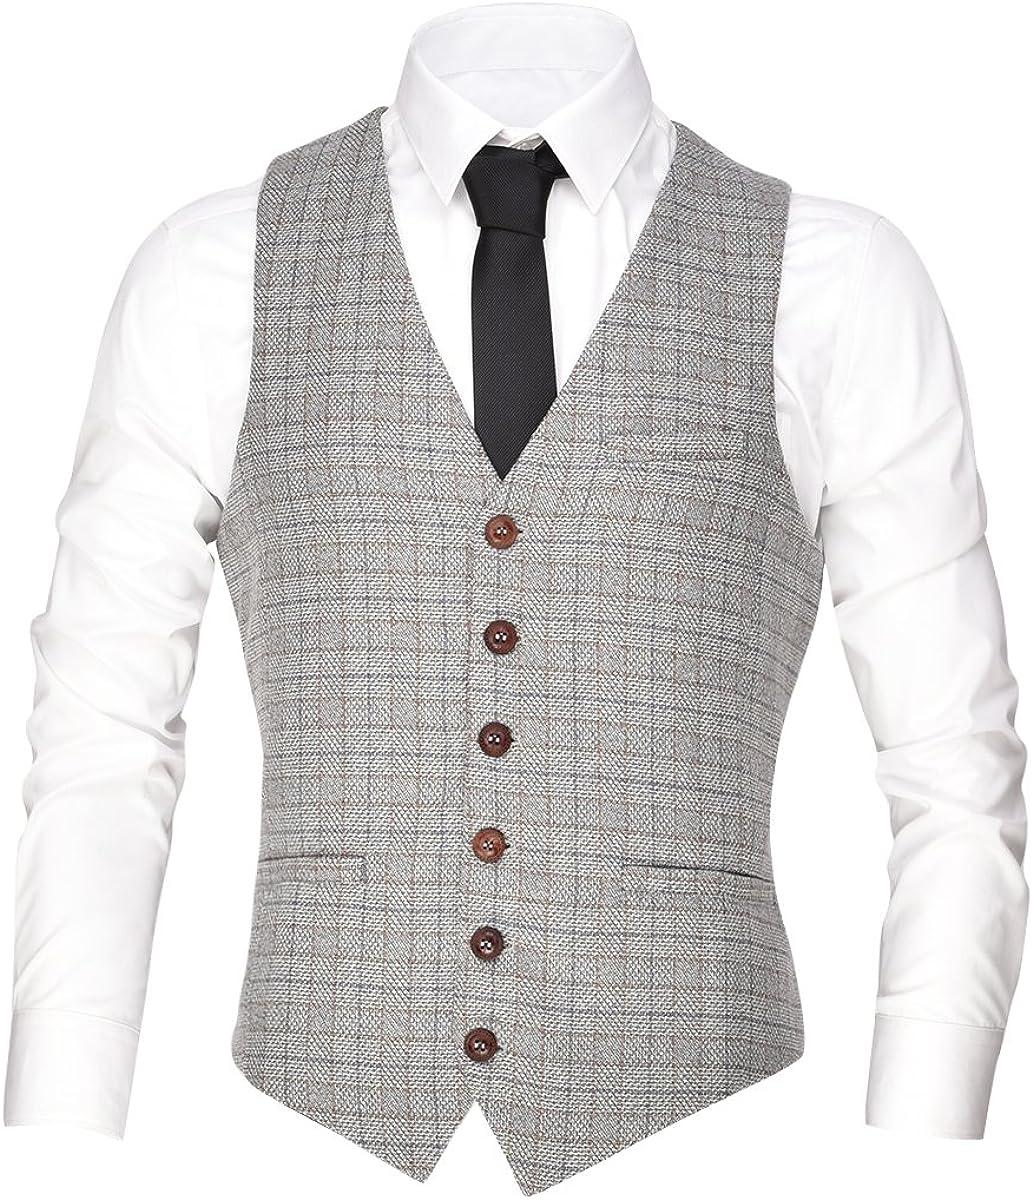 70s Jackets, Furs, Vests, Ponchos VOBOOM Mens V-Neck Suit Vest Casual Slim Fit Dress 6 Button Vest Waistcoat  AT vintagedancer.com